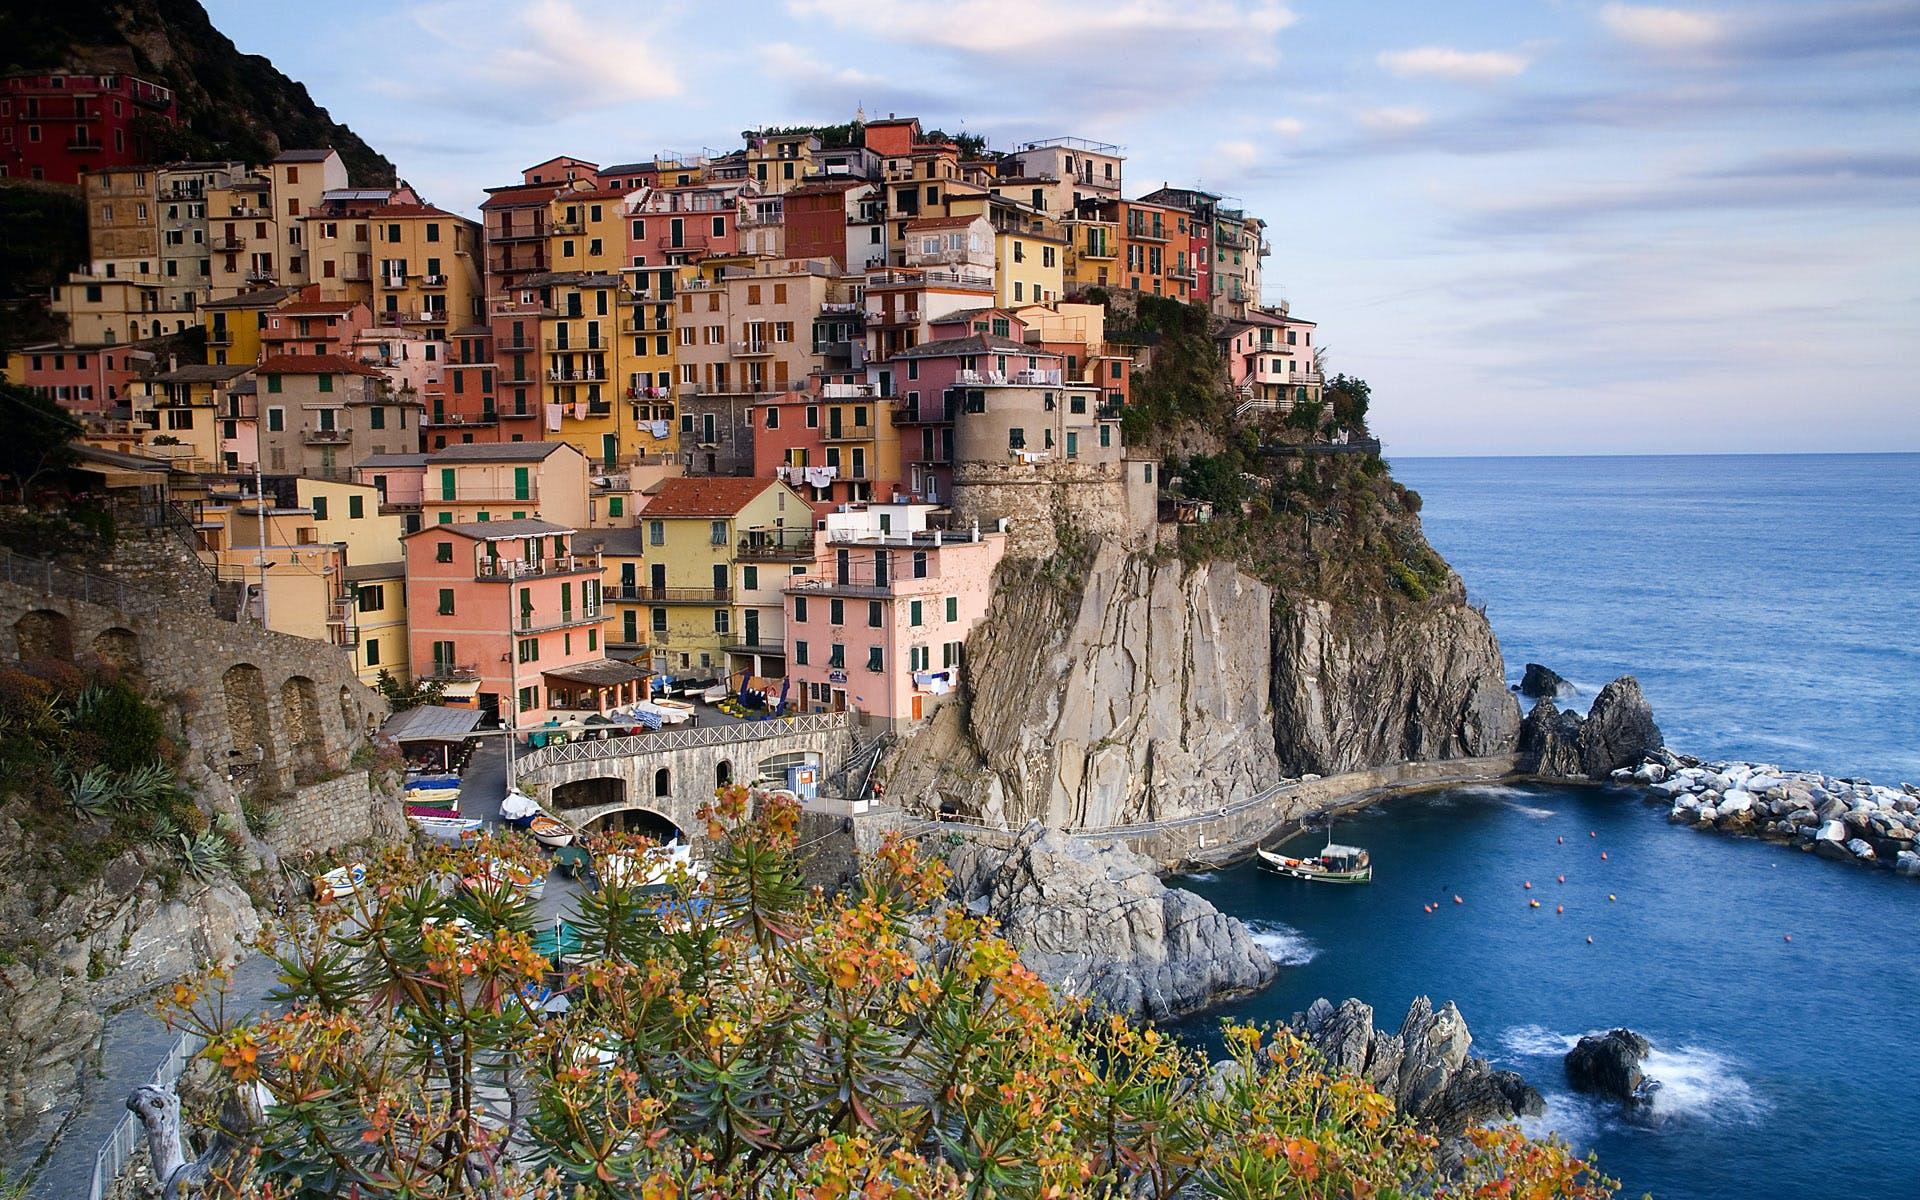 Ver la ciudad,Ver la ciudad,Ver la ciudad,Actividades,Gastronomía,Tours andando,Tours históricos y culturales,Salidas a la naturaleza,Comidas y cenas especiales,Tours enológicos,Excursión a Cinque Terre